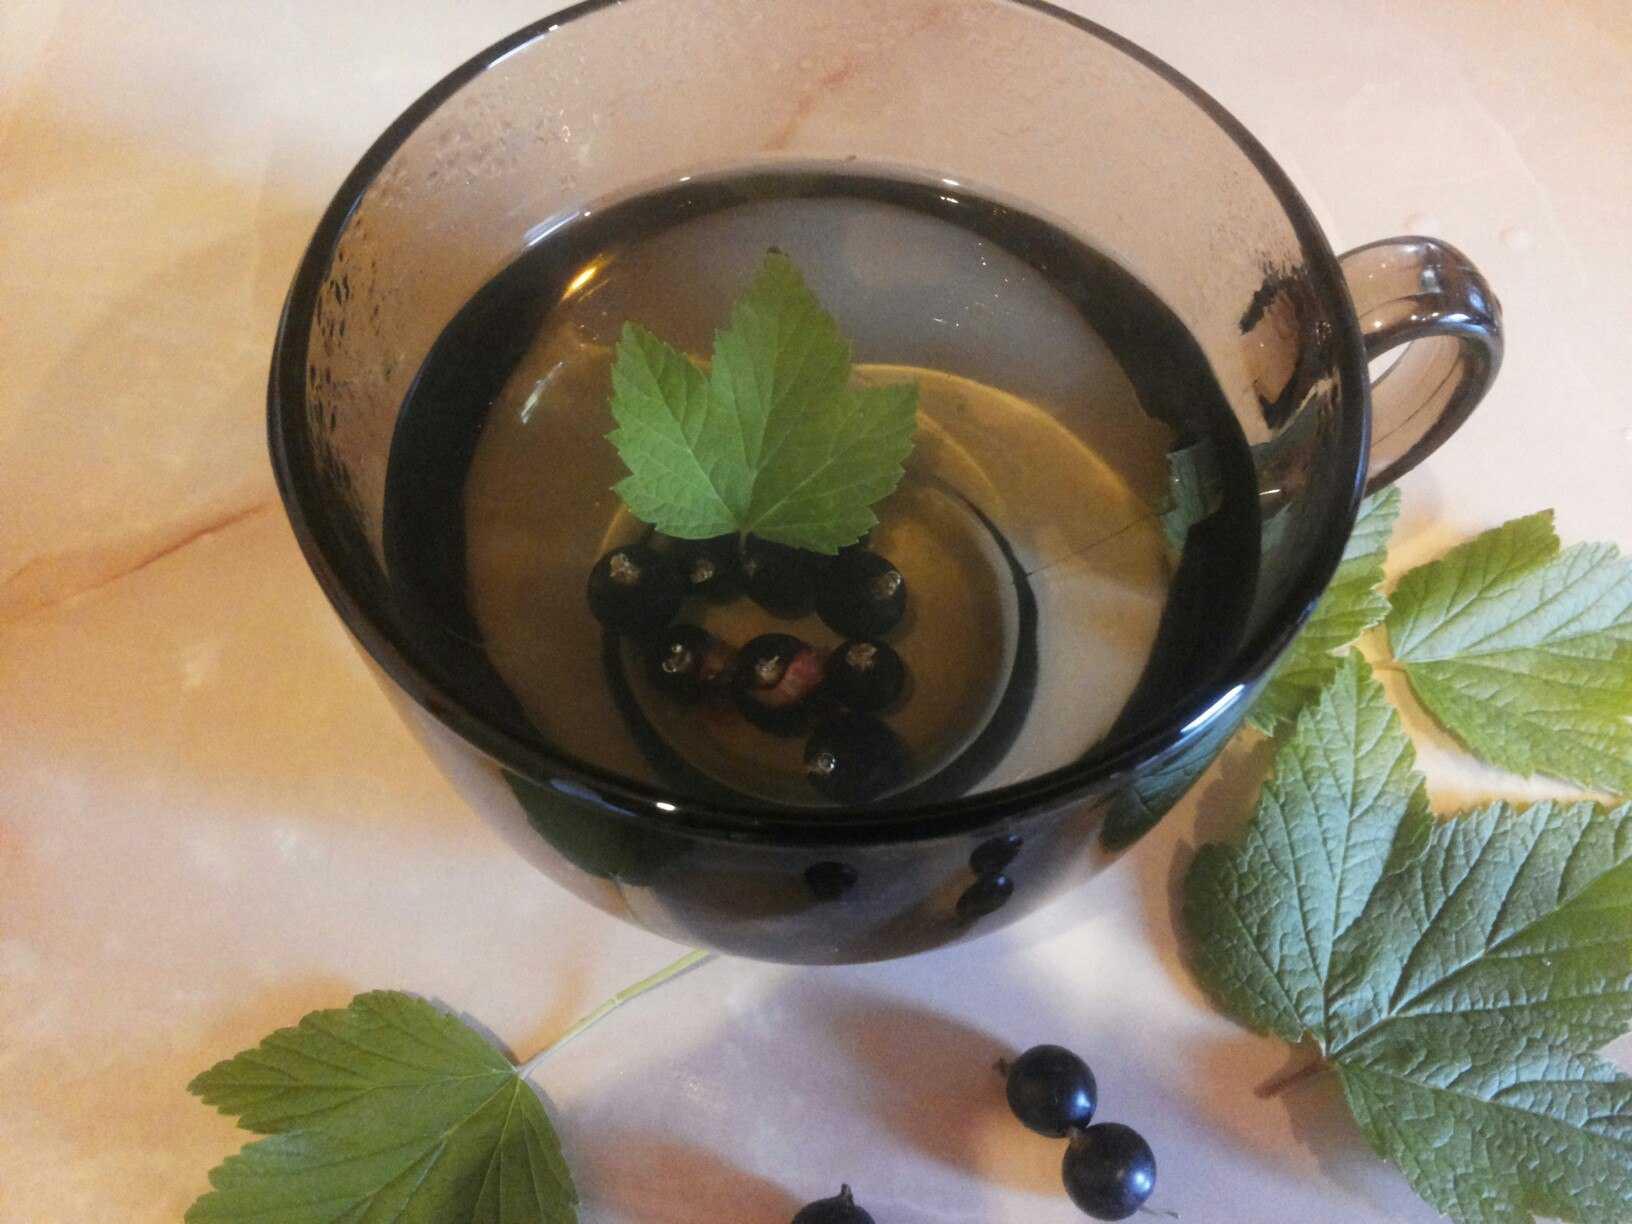 Сушка ягод смородины в домашних условиях: на воздухе, в духовке, микроволновке, сушилке. Подготовка к процессу, выбор плодов. Правила хранения сушеной продукции.